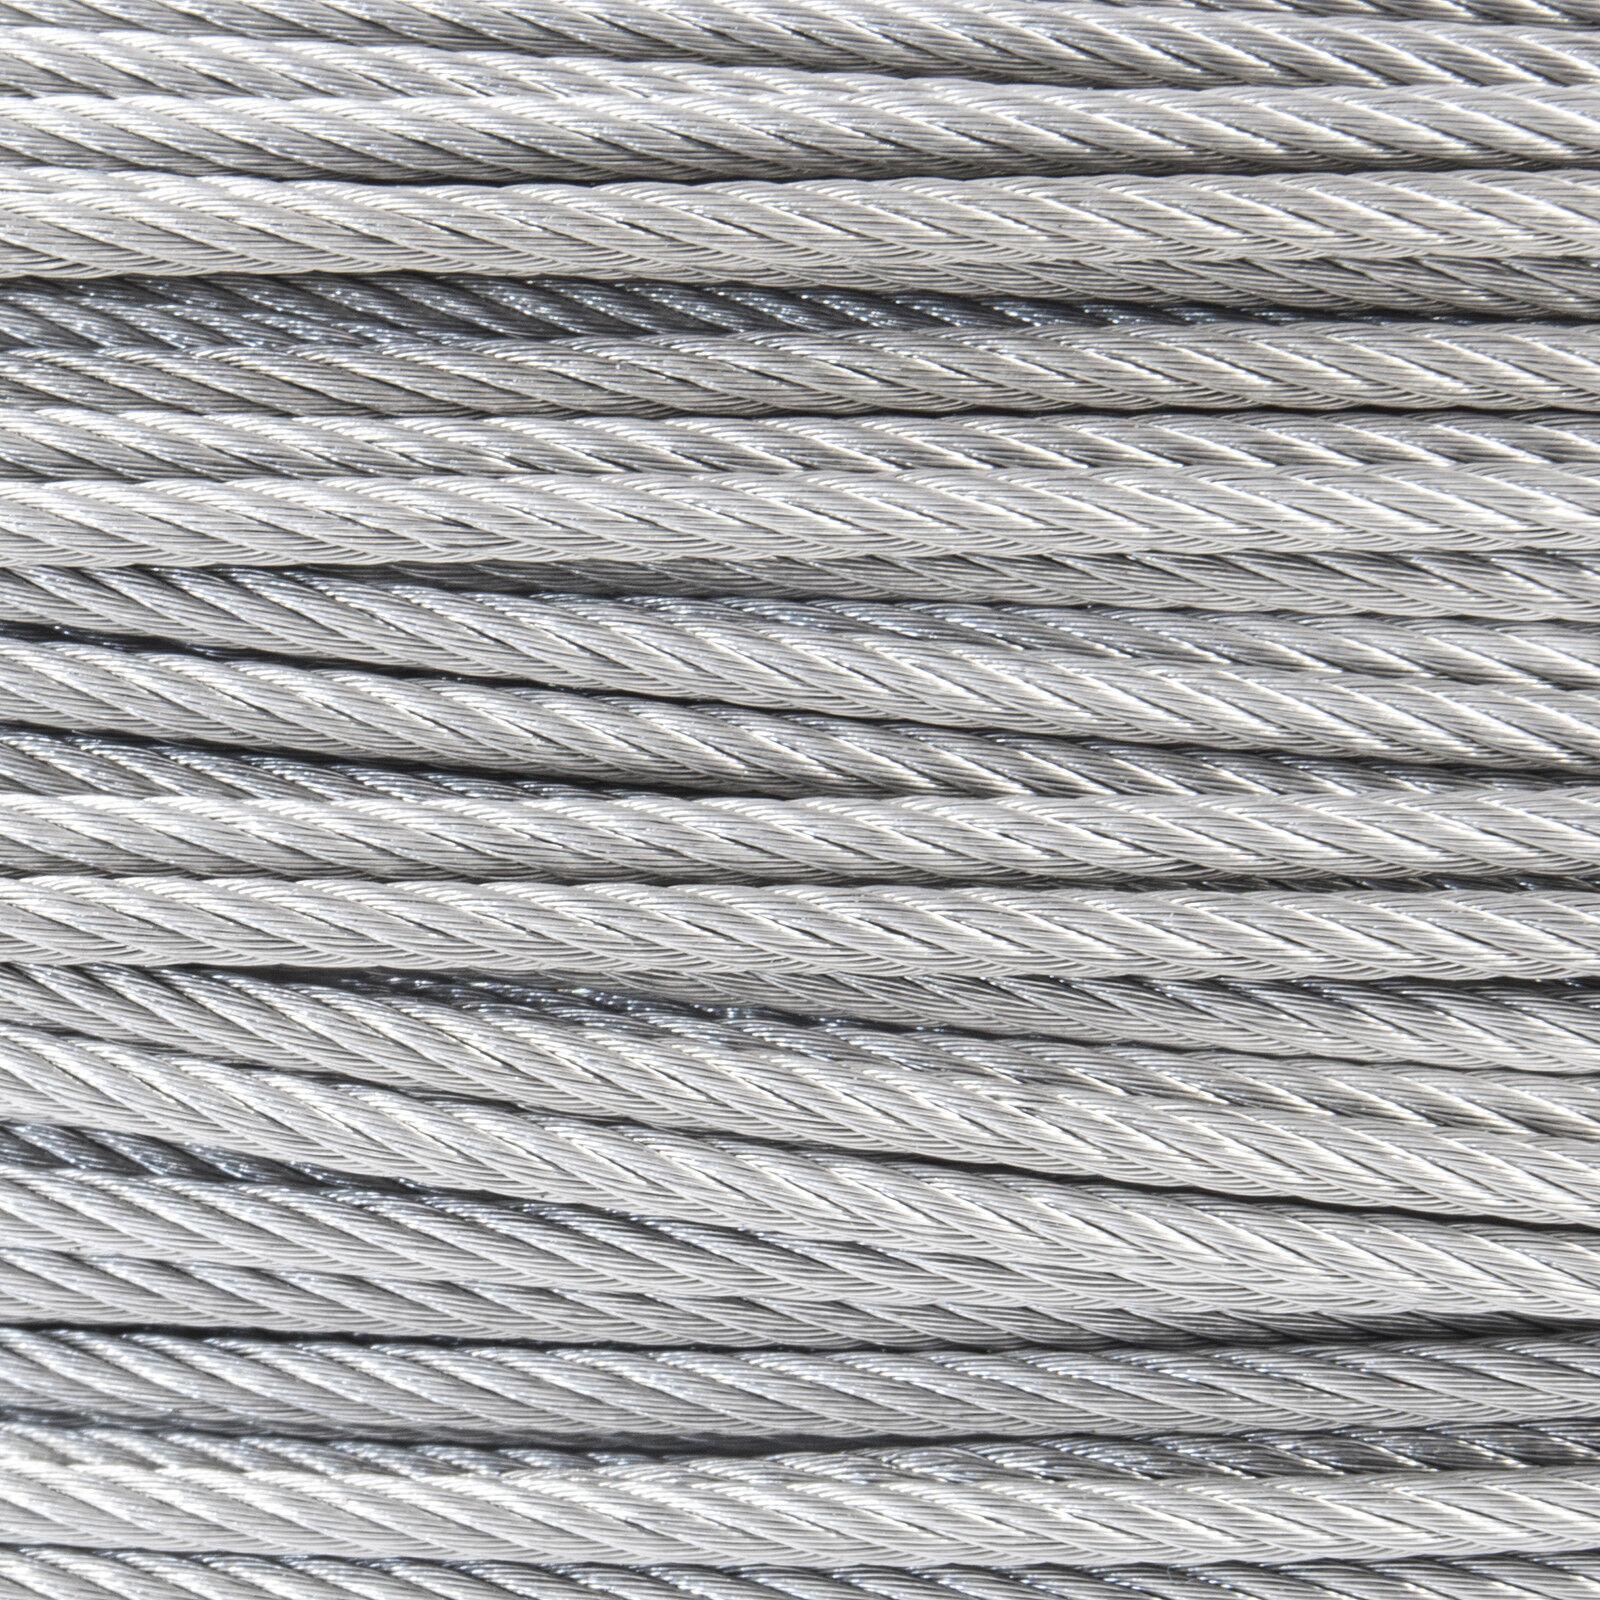 8mm FUNE ACCIAIO INOSSIDABILE filo metallo corda cavo cima V4A AISI 316